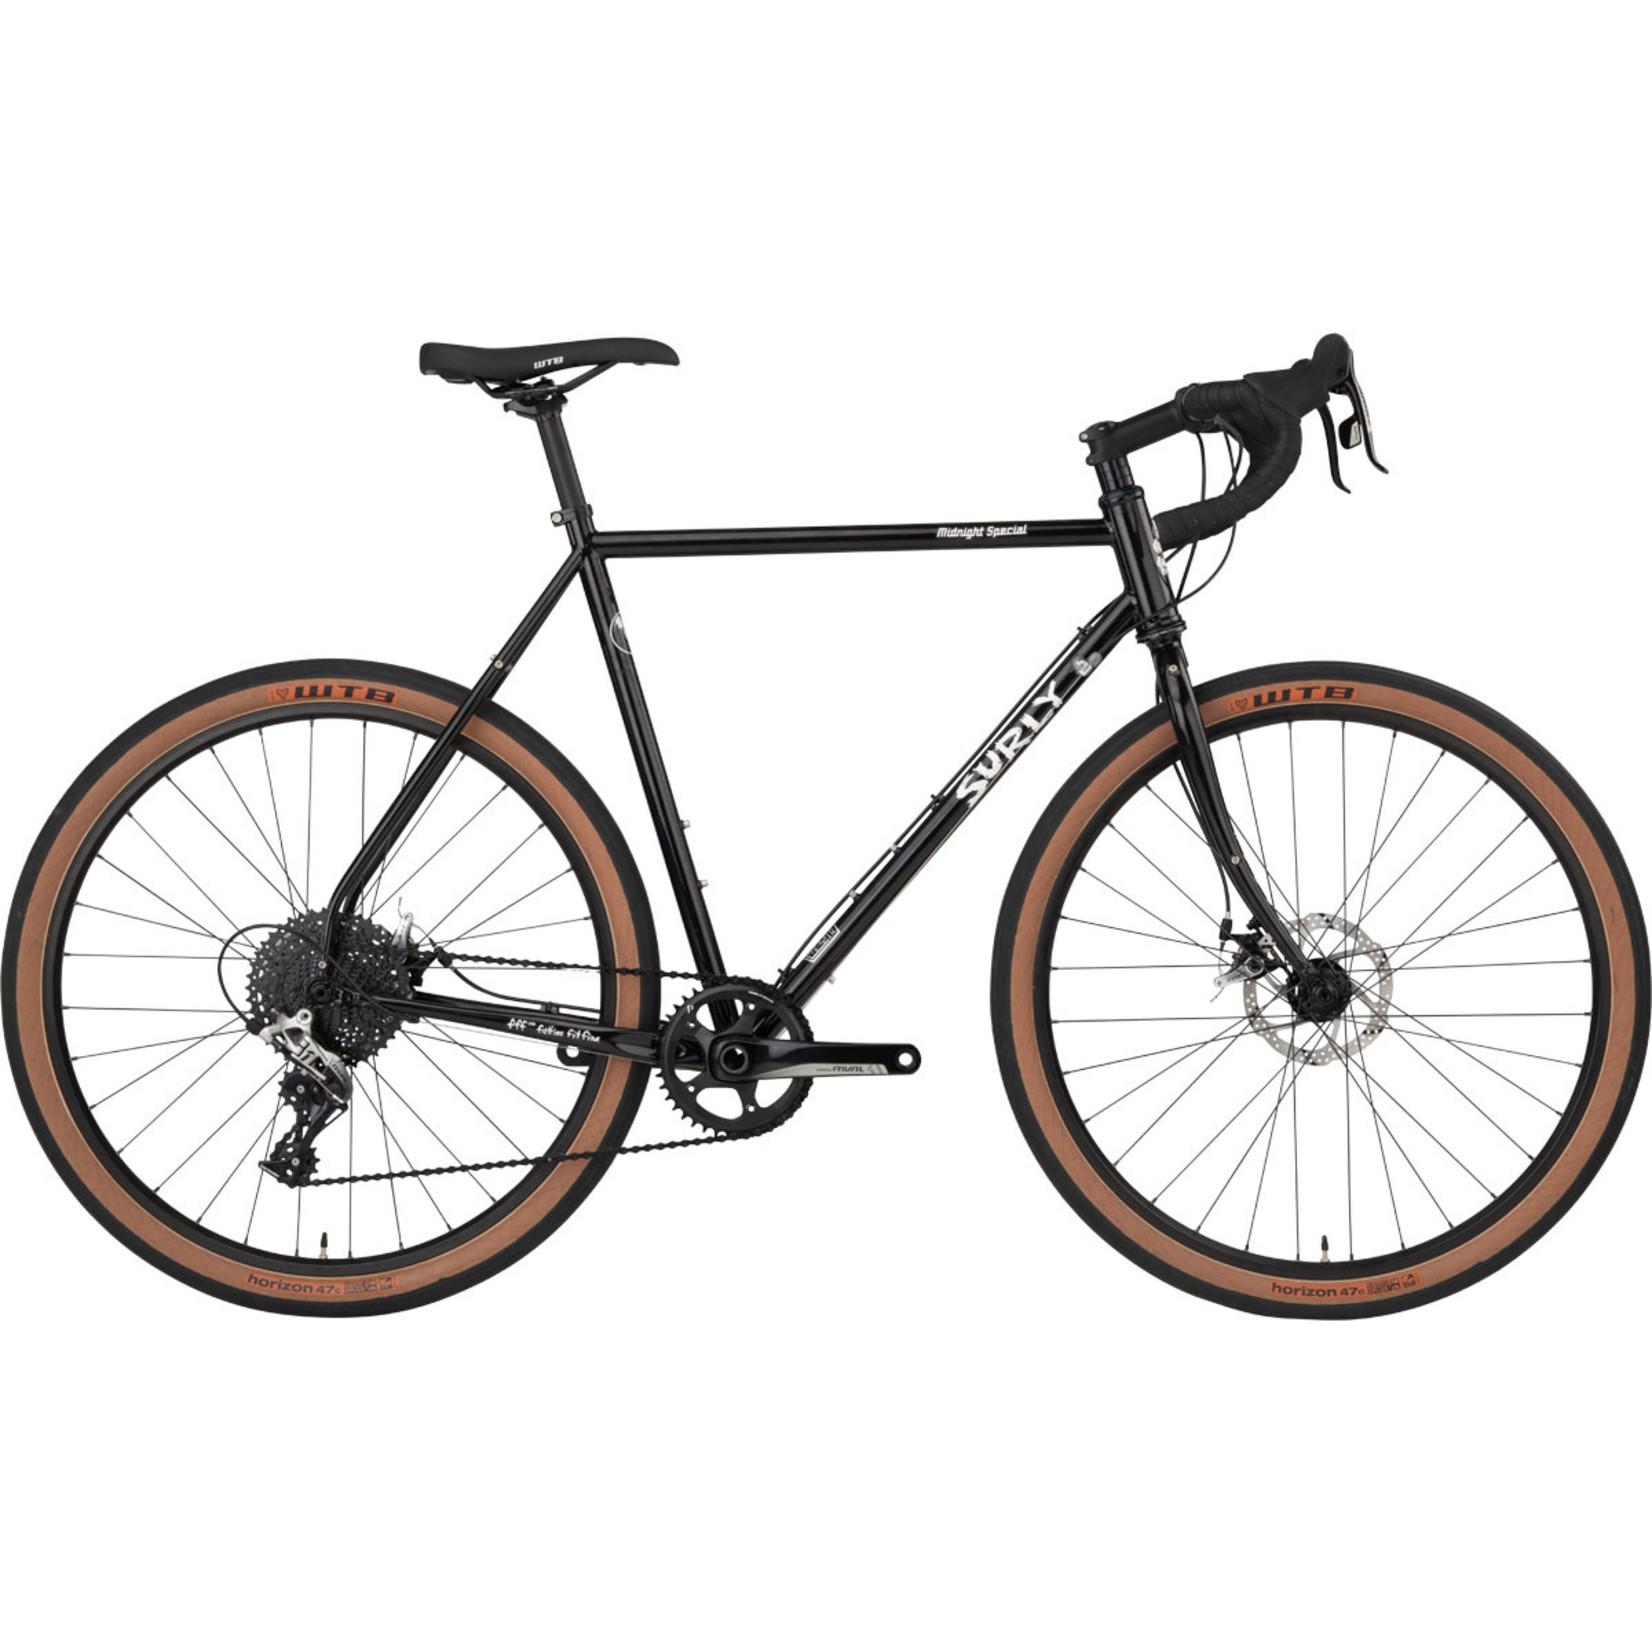 Surly Surly, Midnight Special Bike